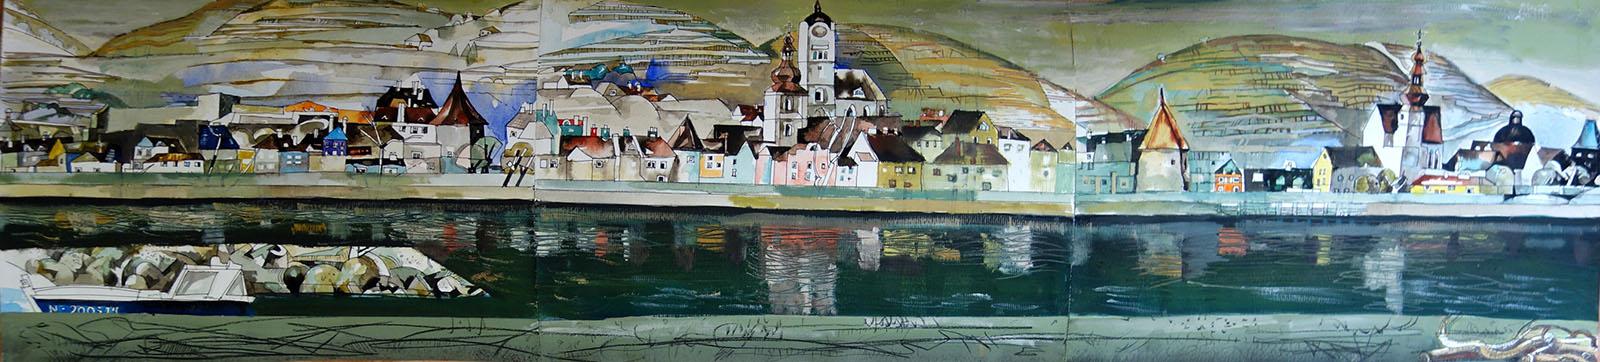 Stein an der Donau, 2015, Öl auf Papier,  30x122